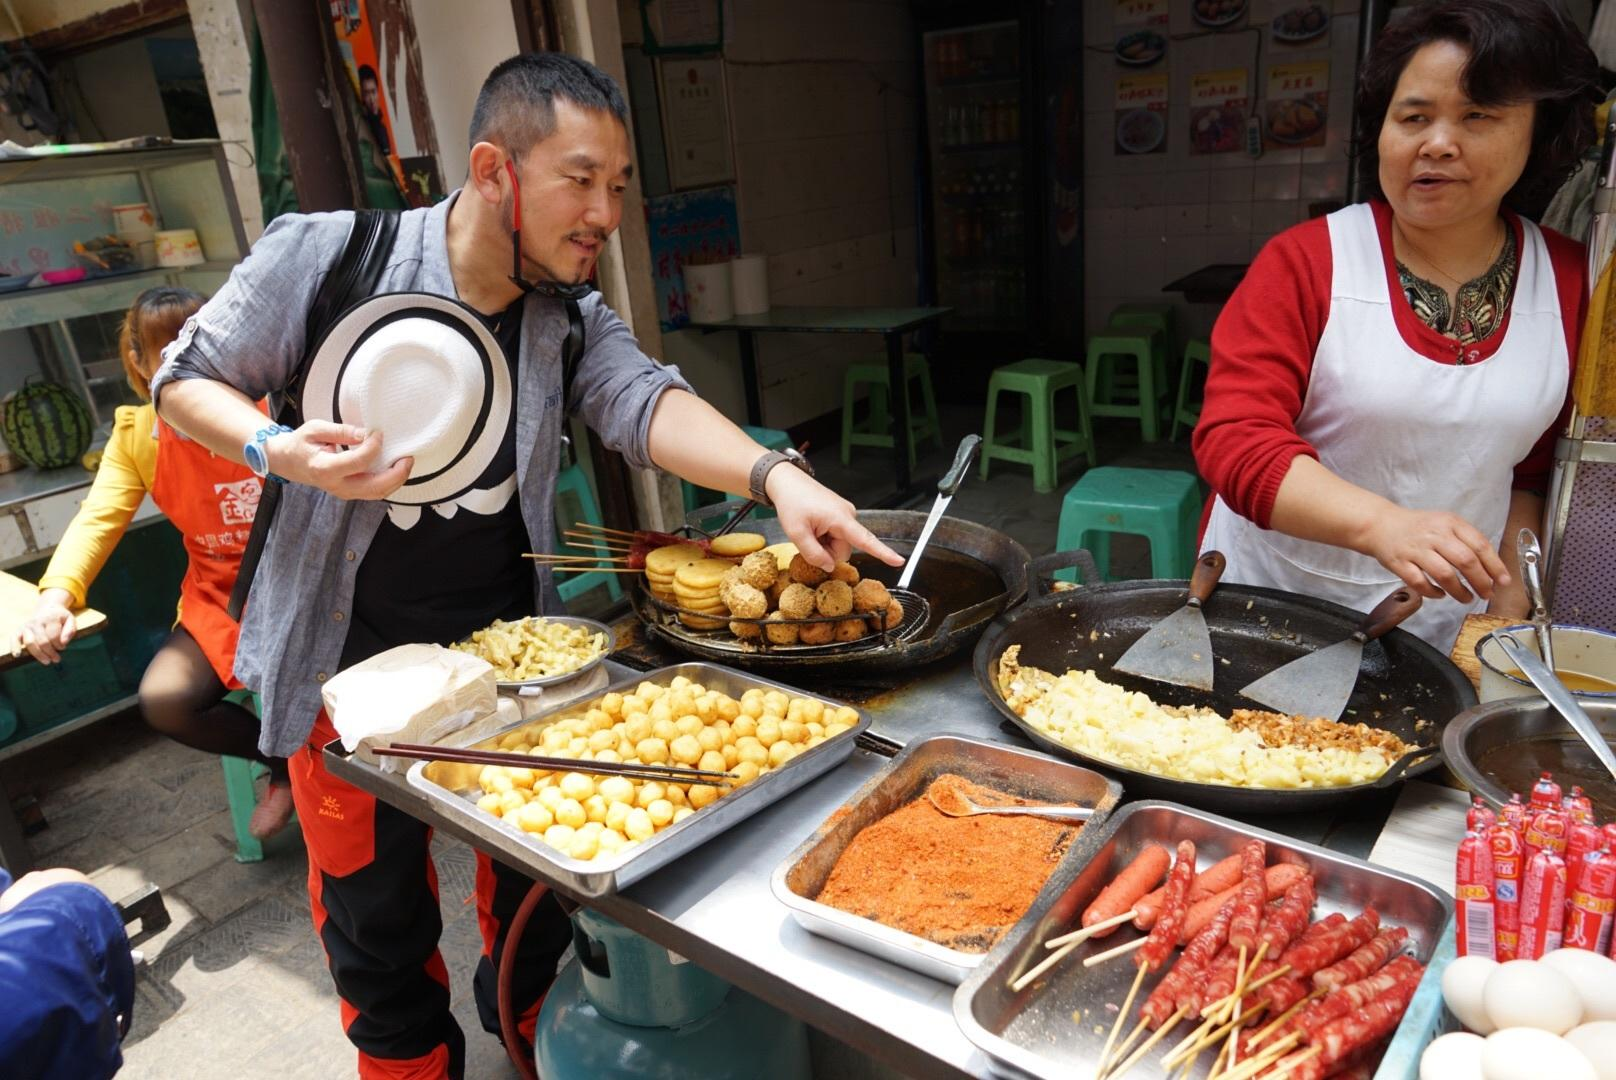 错过【遵义v错过组图】不该路线的潍坊美食攻略美食街老遵义潍县图片